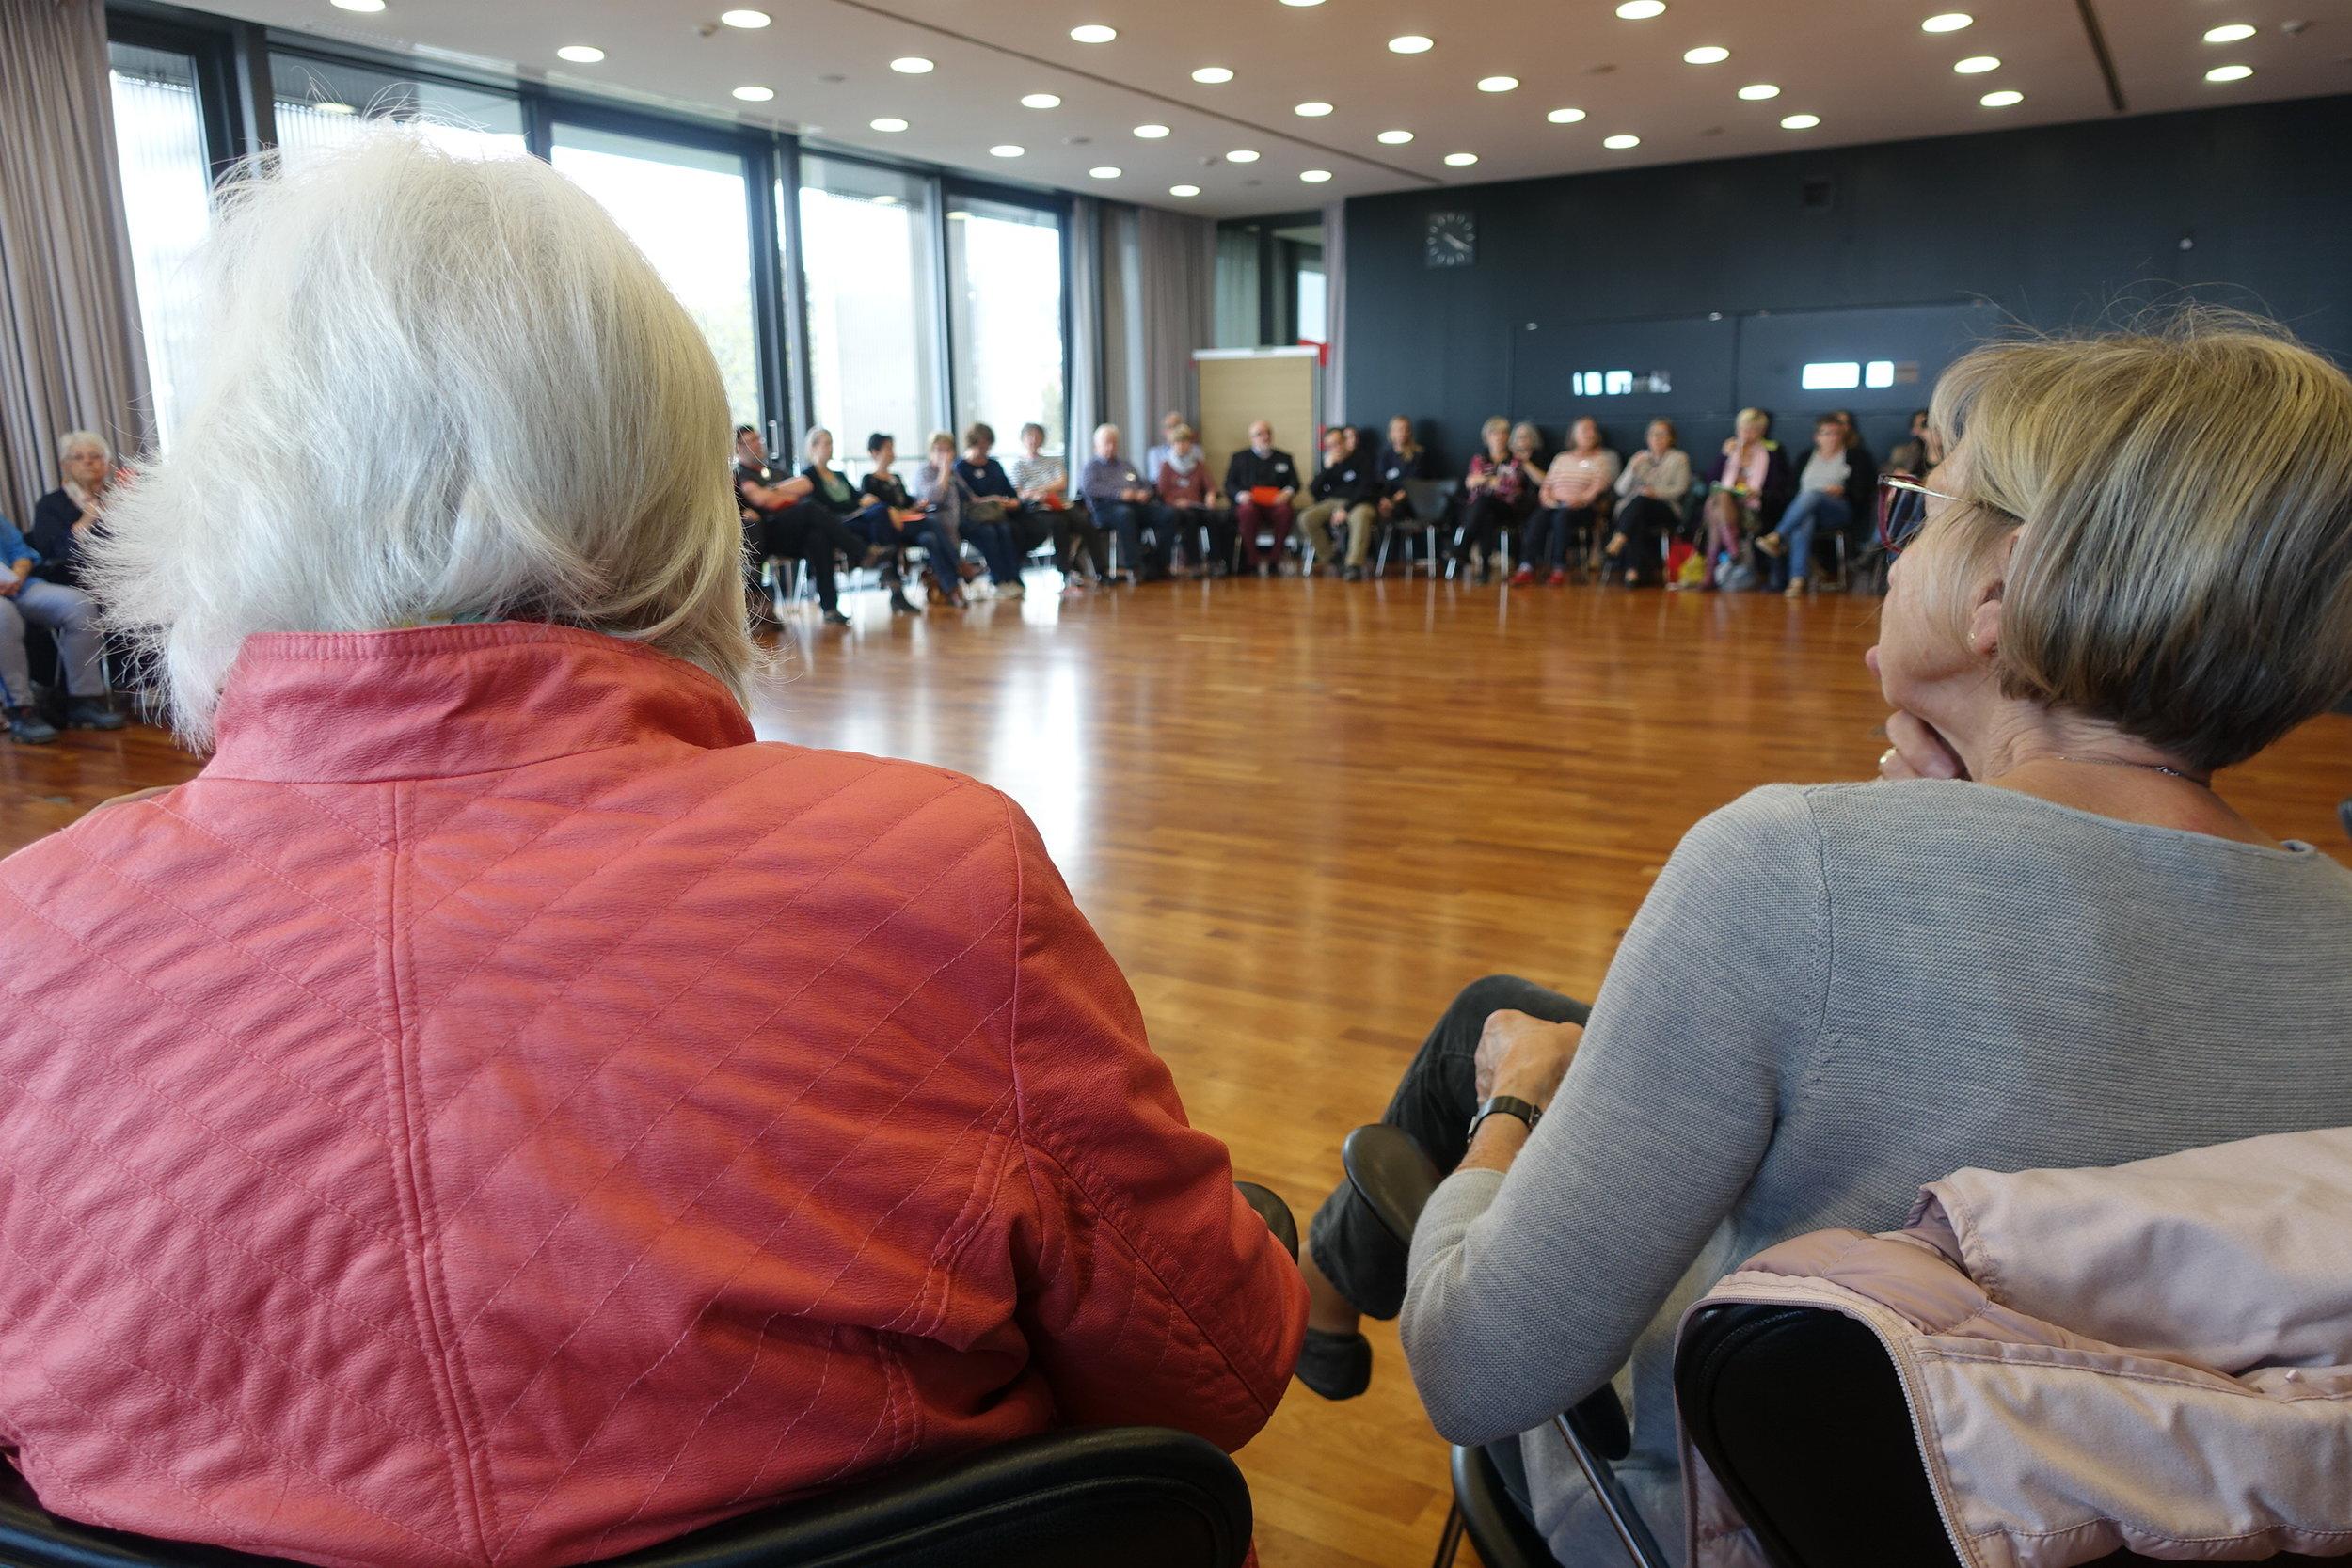 60 VorlesepatInnen kamen zur Auftaktveranstaltung, um an der Weiterentwicklung der Leseohren mitzuarbeiten.  (Foto: Jana Kegel)